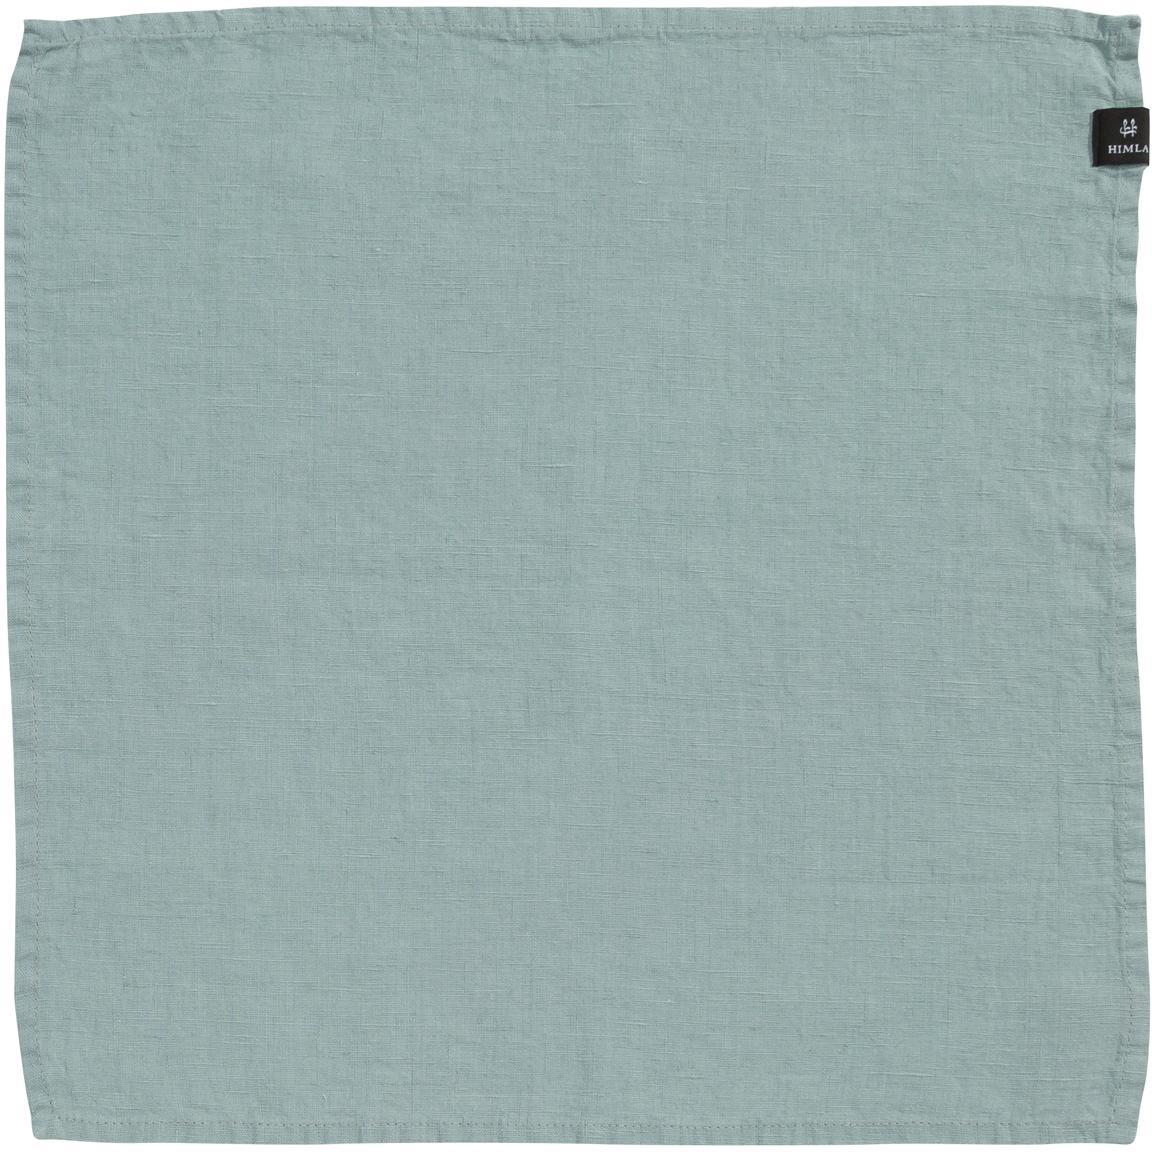 Tovagliolo in lino Sunshine 4 pz, Lino, Chiaro blu verde, Larghezza 45 cm x Lunghezza 45 cm